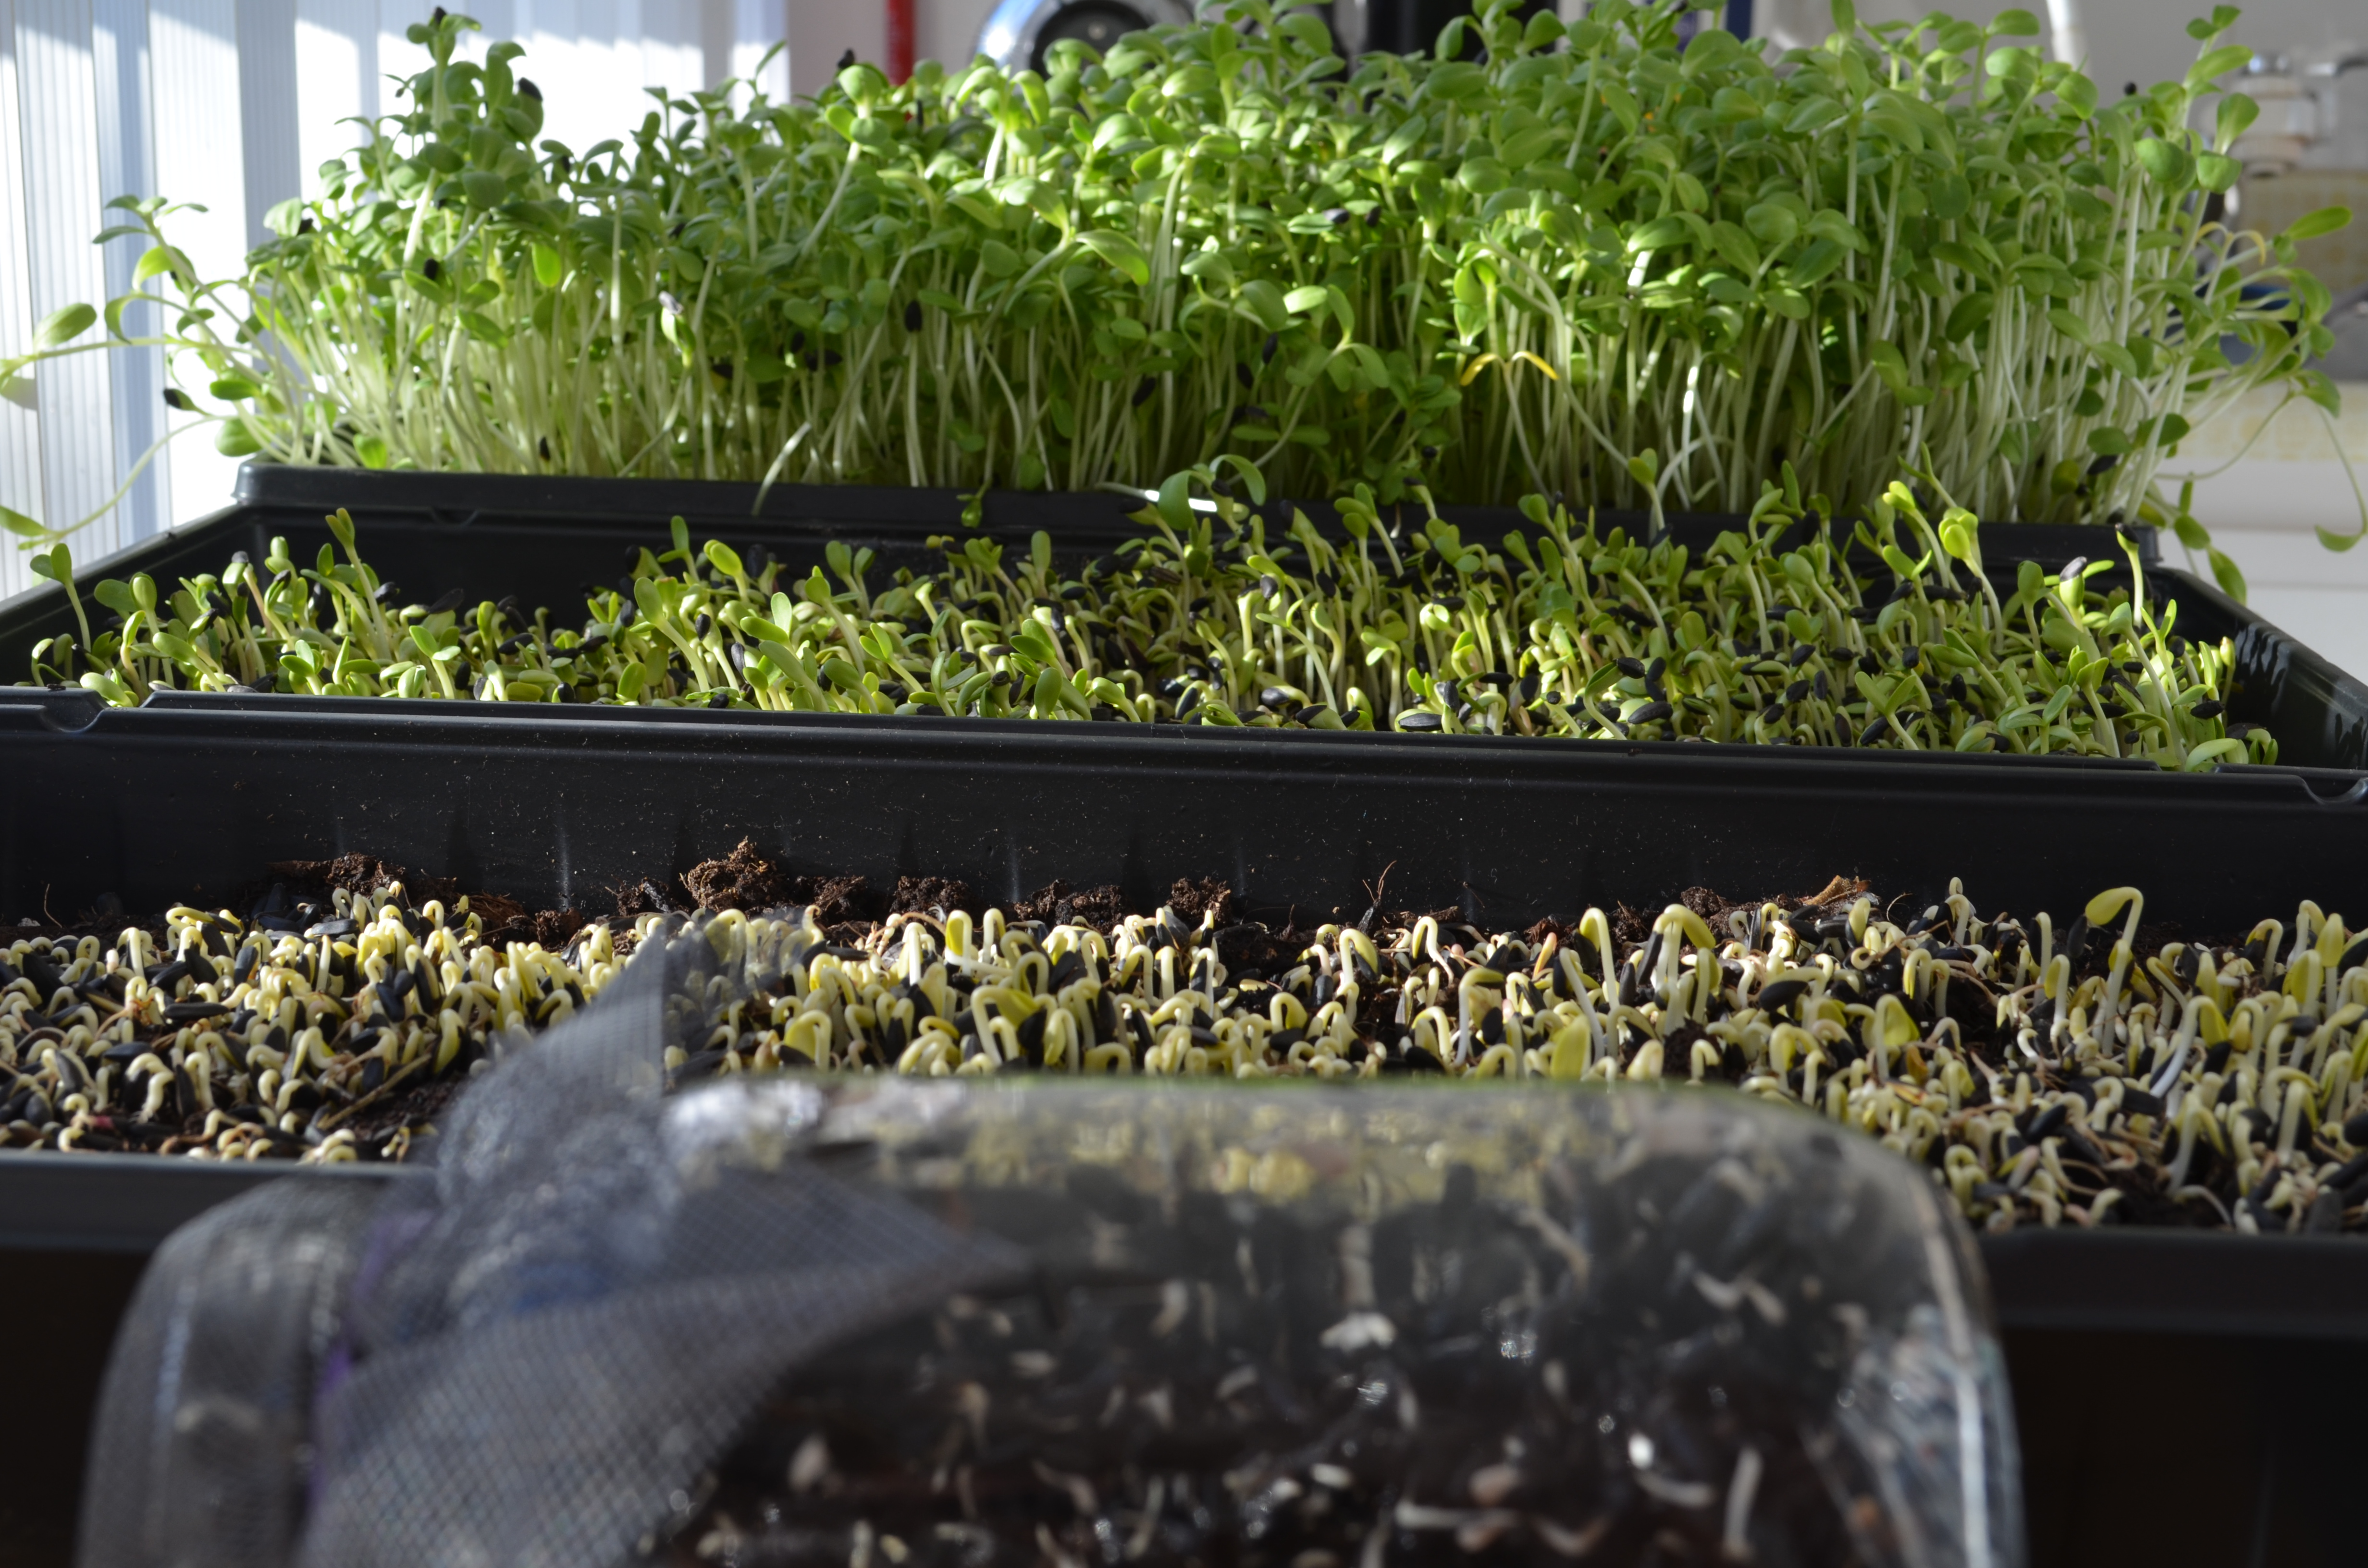 Jardinage urbain int rieur cultiver des pousses de for Jardinage interieur